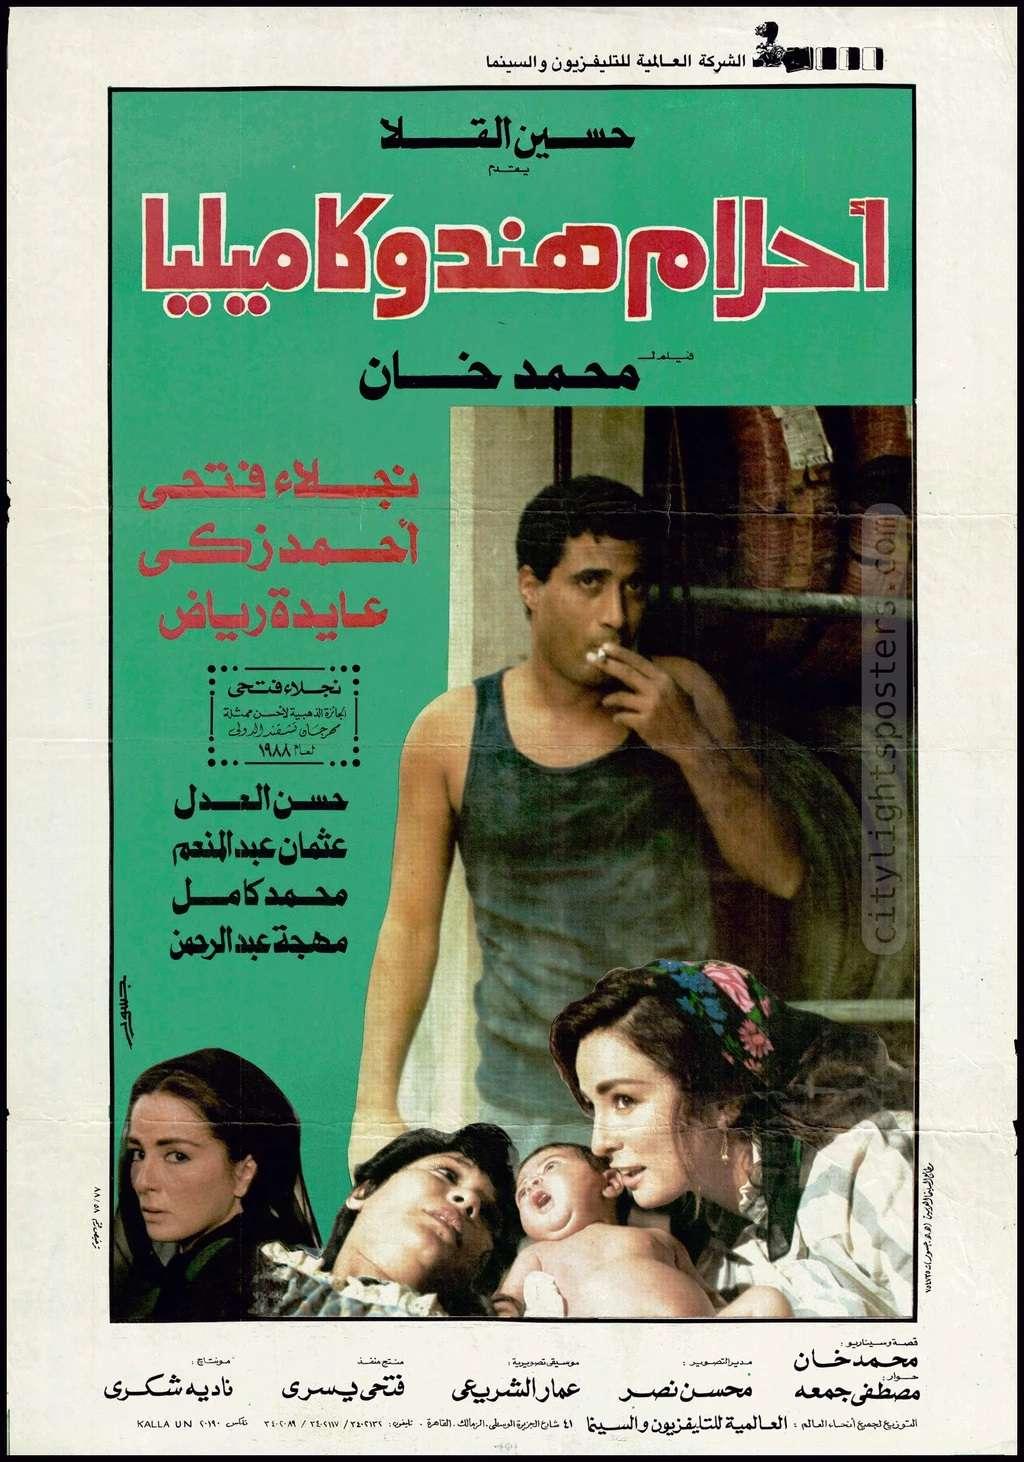 [فيلم][تورنت][تحميل][أحلام هند وكاميليا][1988][1080p][Web-DL] 1 arabp2p.com